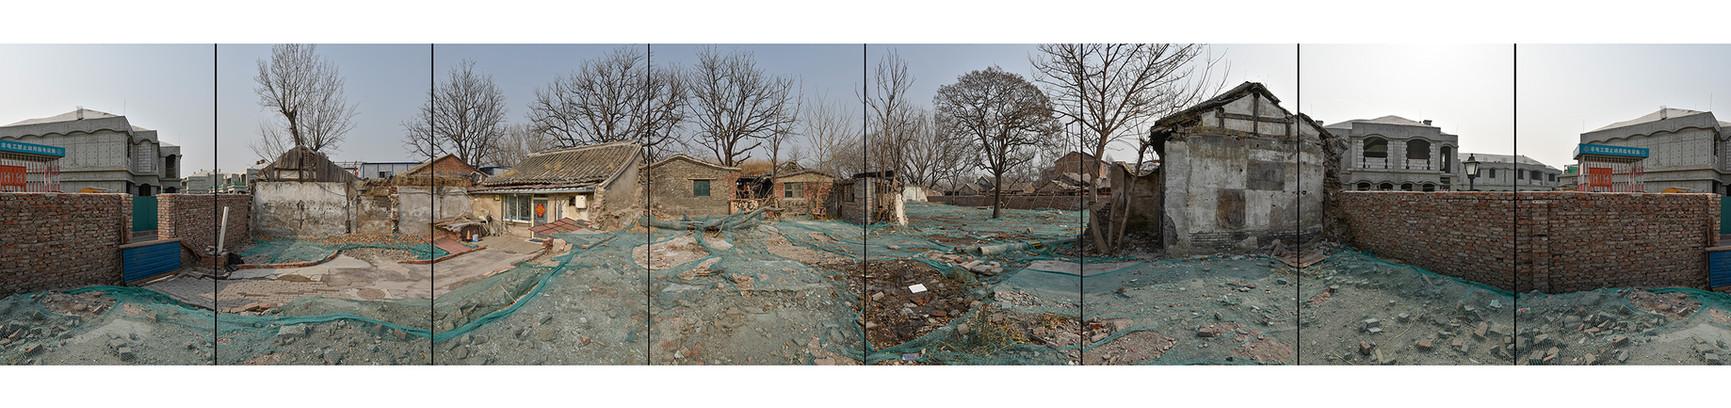 北京废墟06.jpg